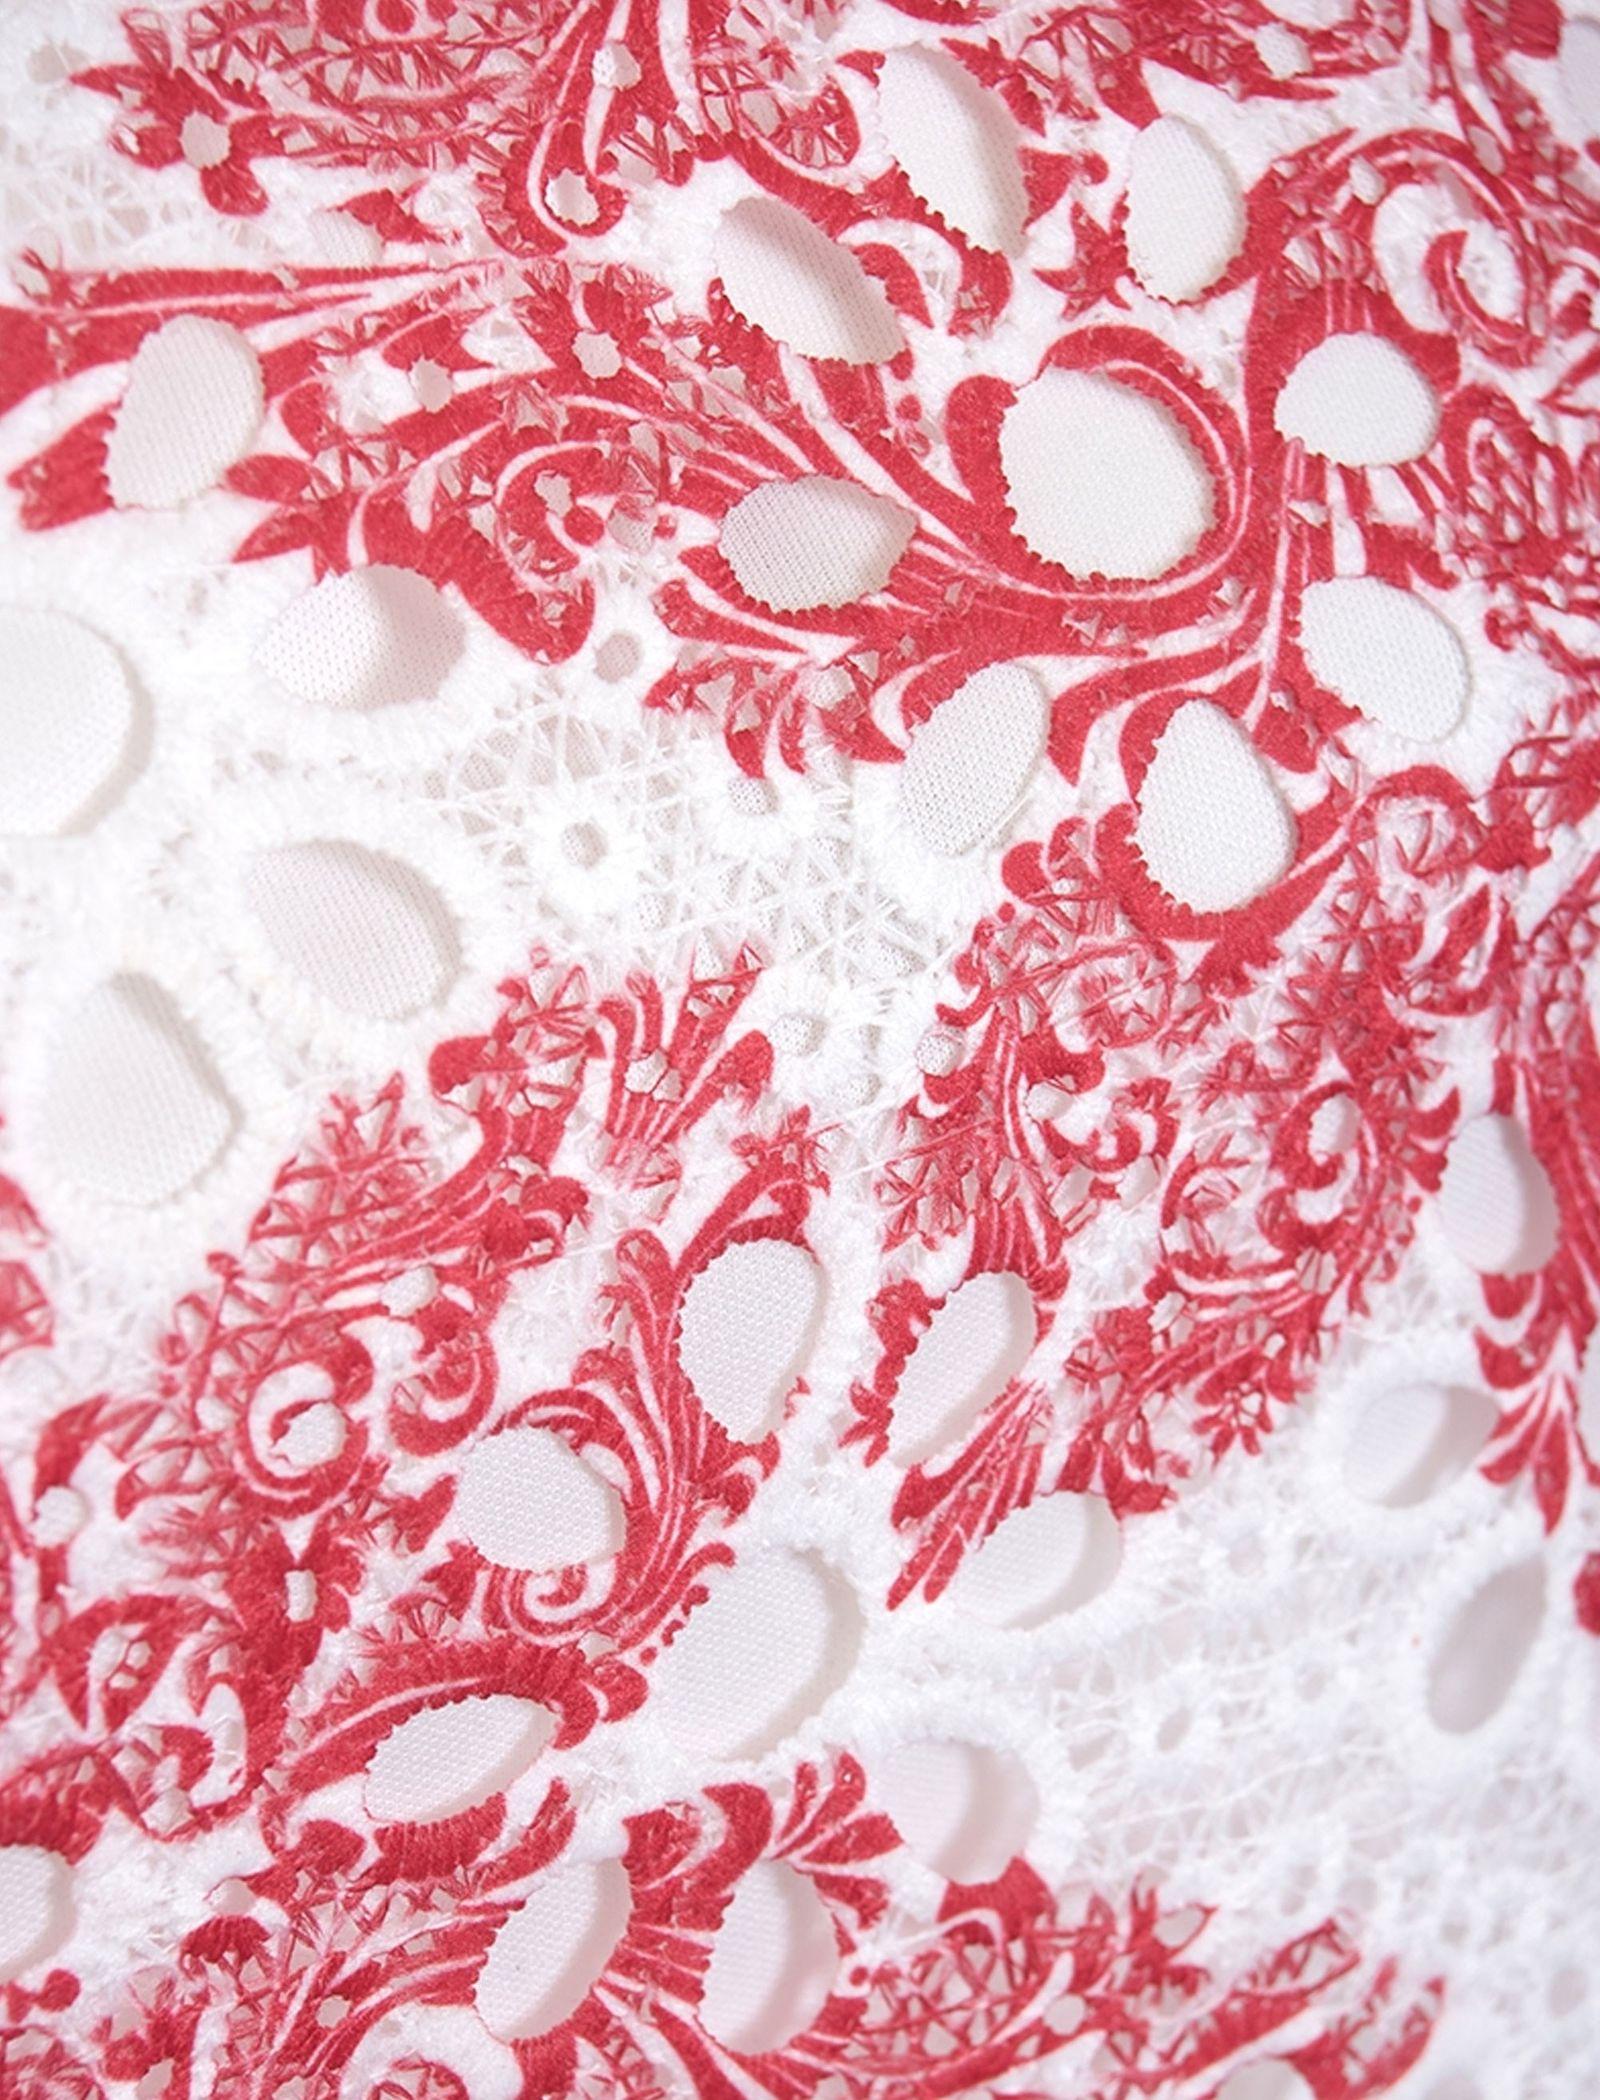 بلوز آستین حلقه ای زنانه - کوییز - سفيد و قرمز - 4